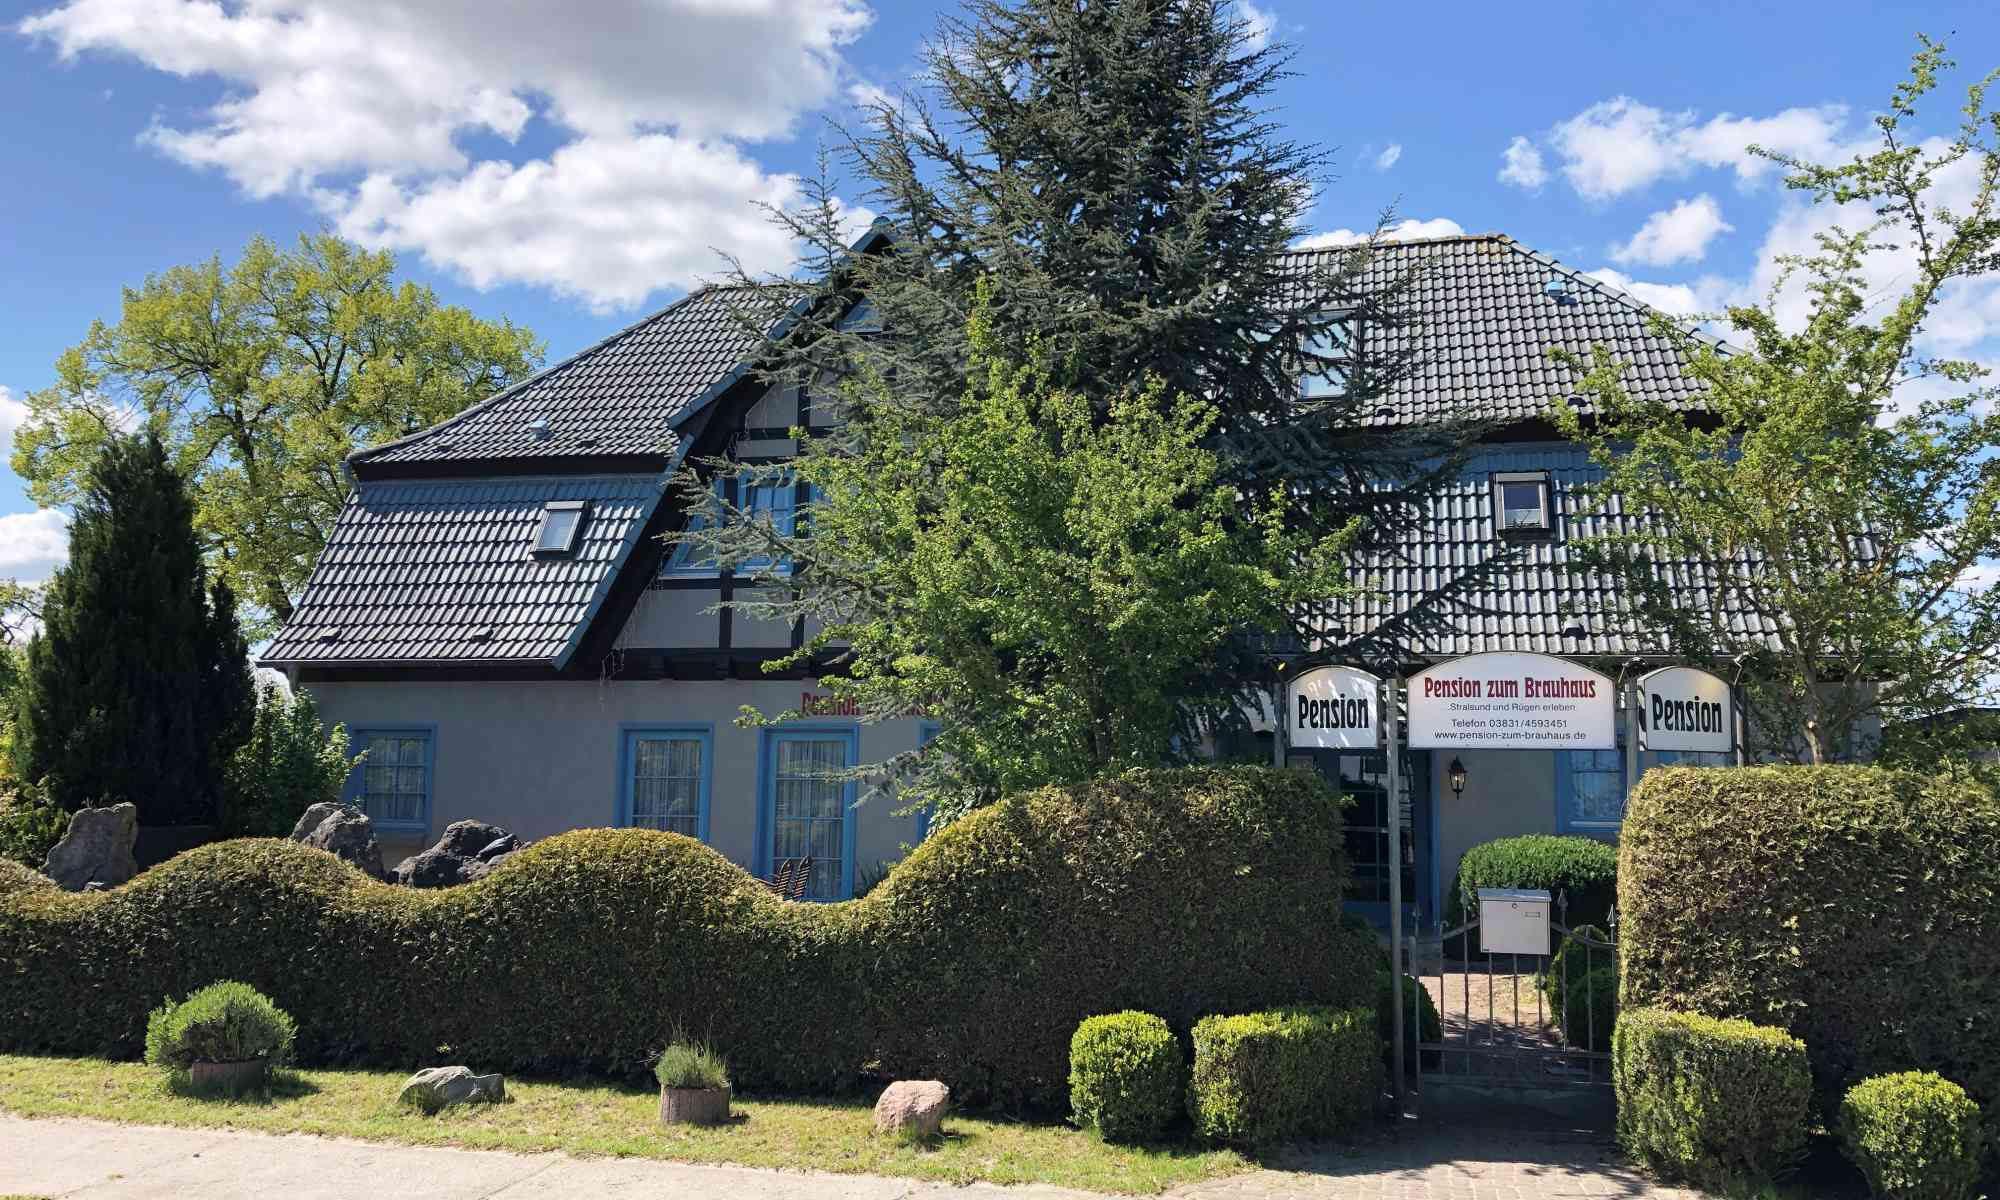 Pension zum Brauhaus Stralsund